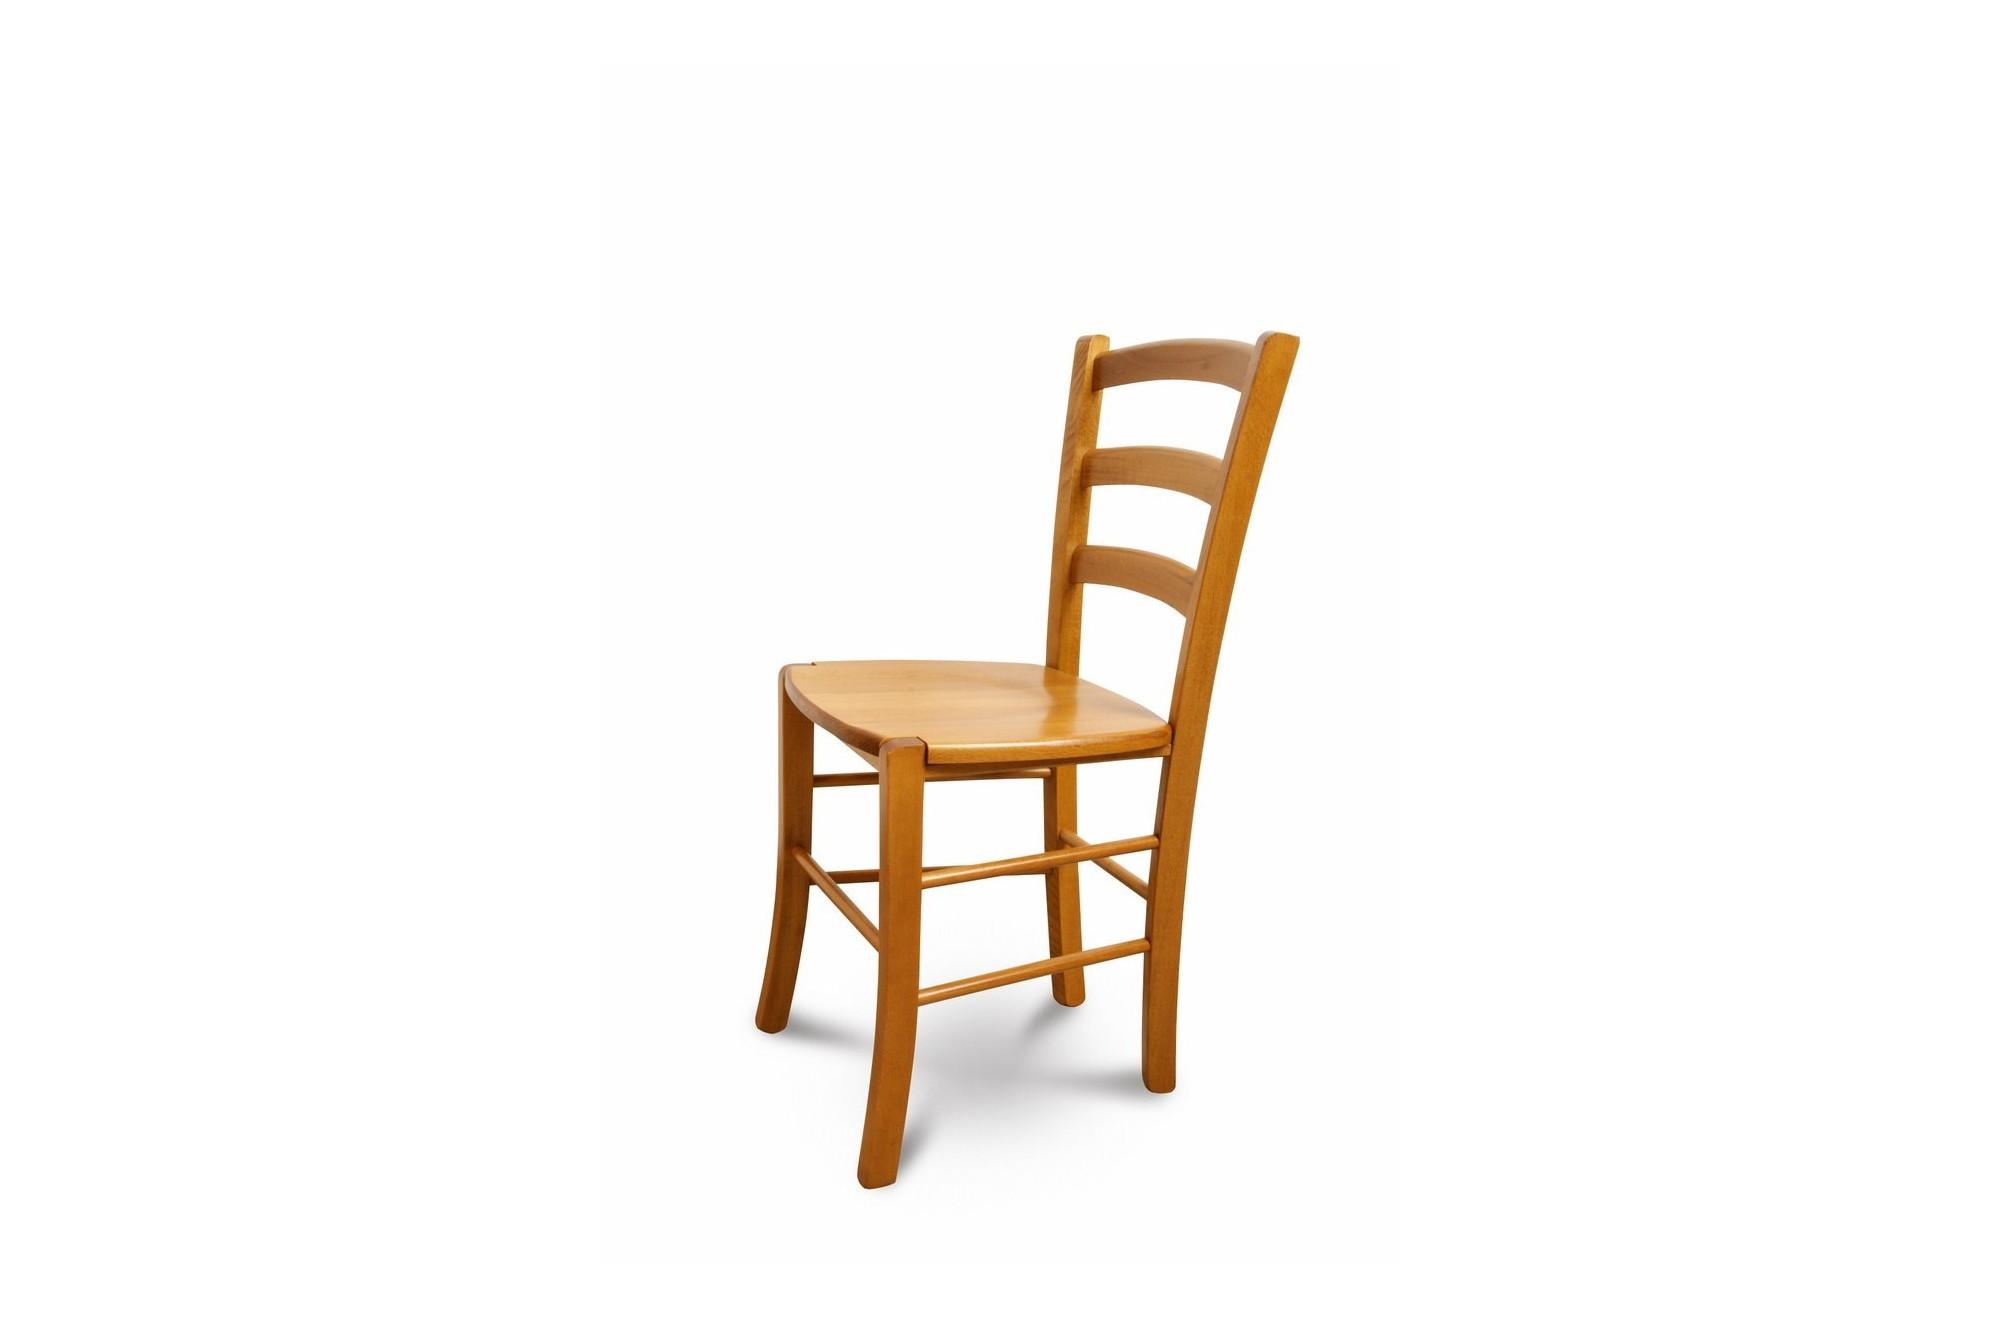 Chaise en bois massif tina lot de deux hellin - Chaise bois flotte ...